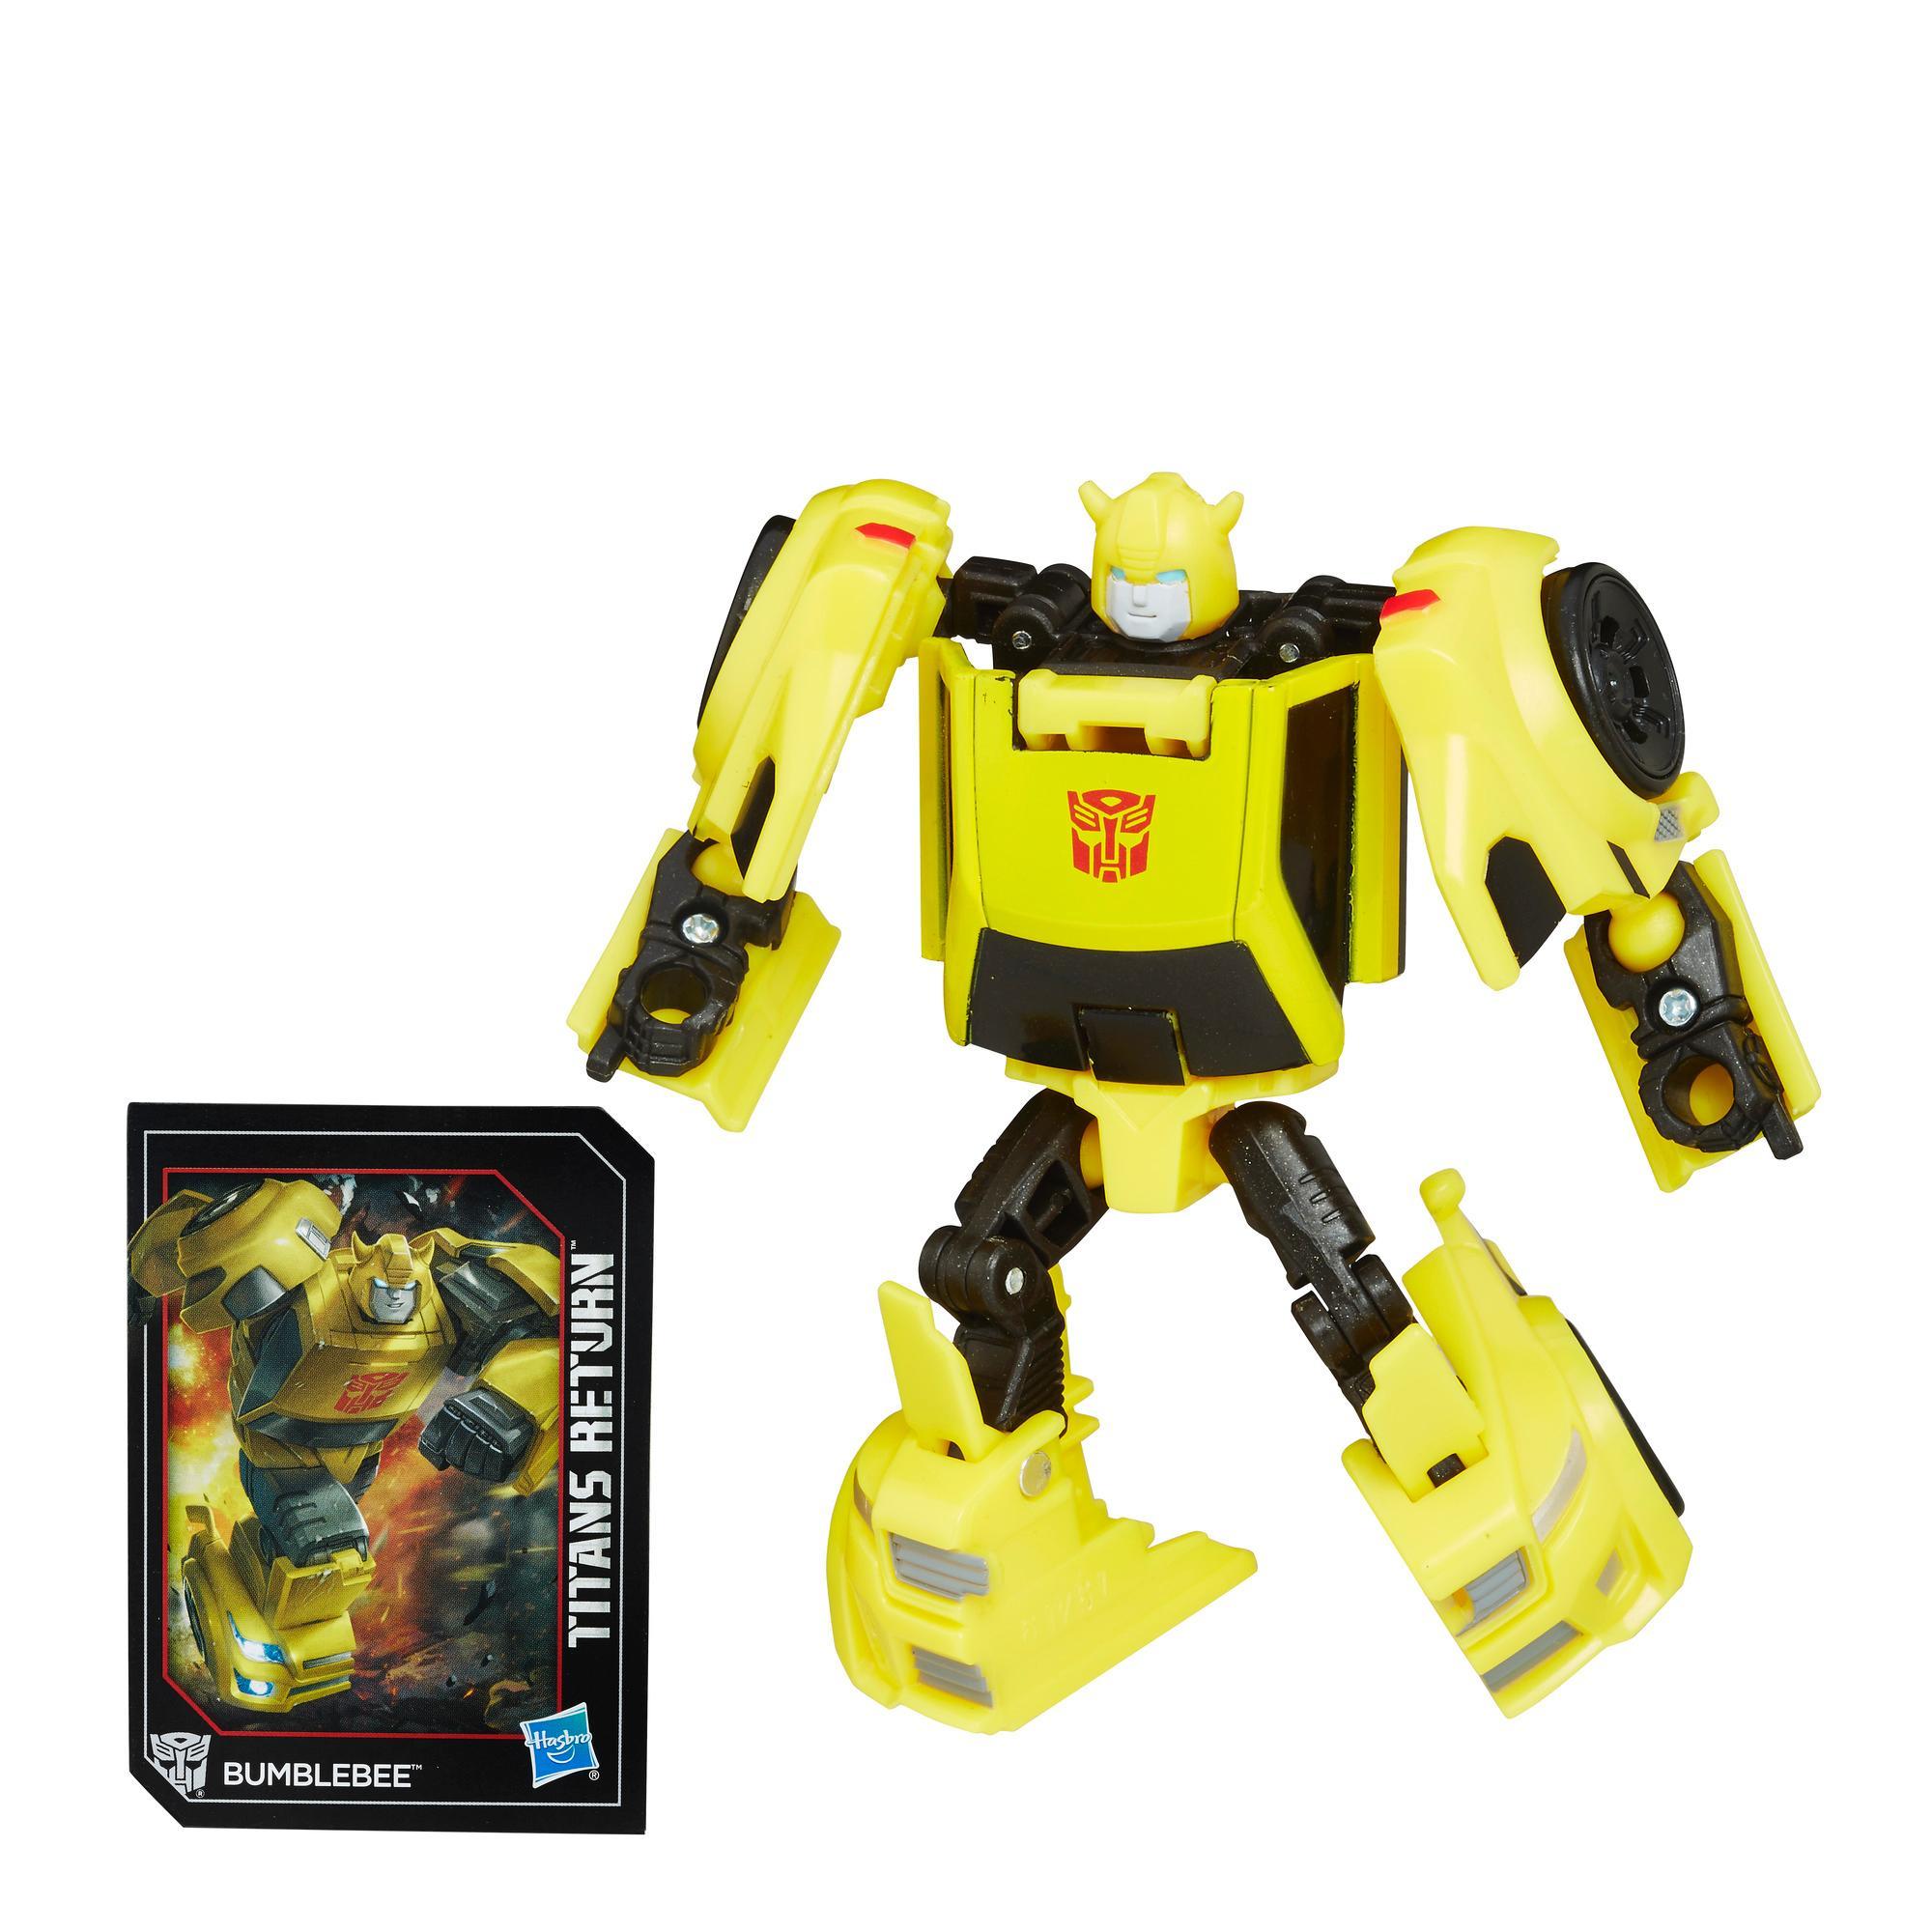 Transformers Generations Titans Return Legends BUMBLEBEE